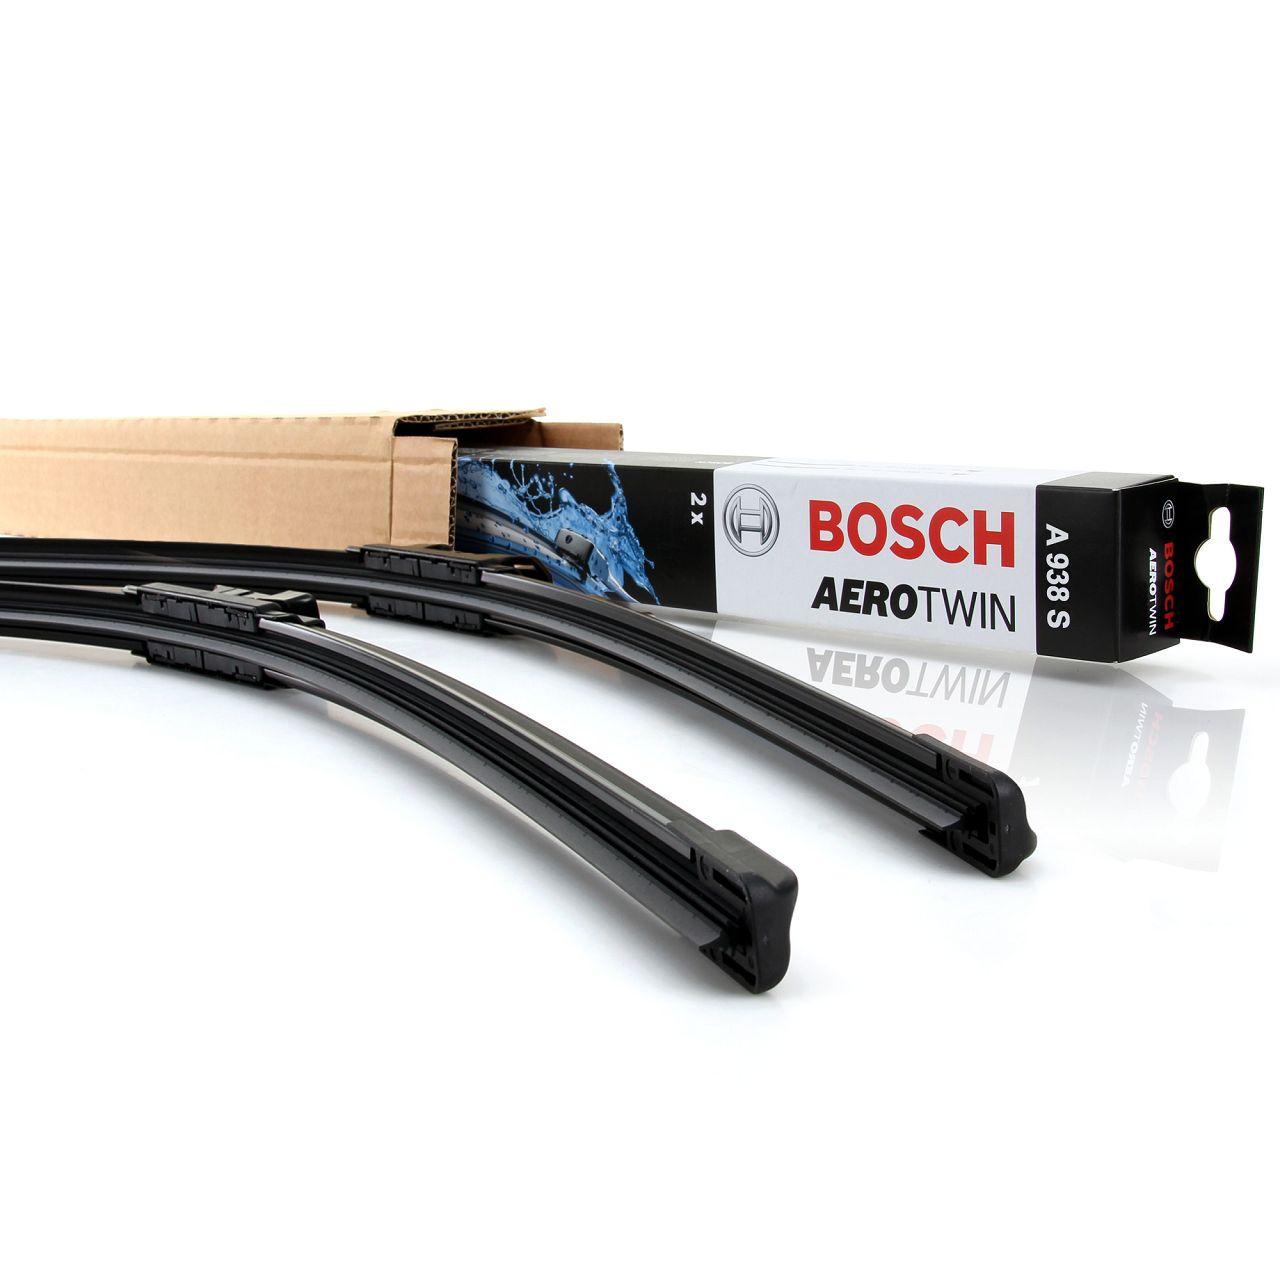 BOSCH AEROTWIN A938S Scheibenwischer Wischerblätter für MERCEDES W204 W212 VW T5